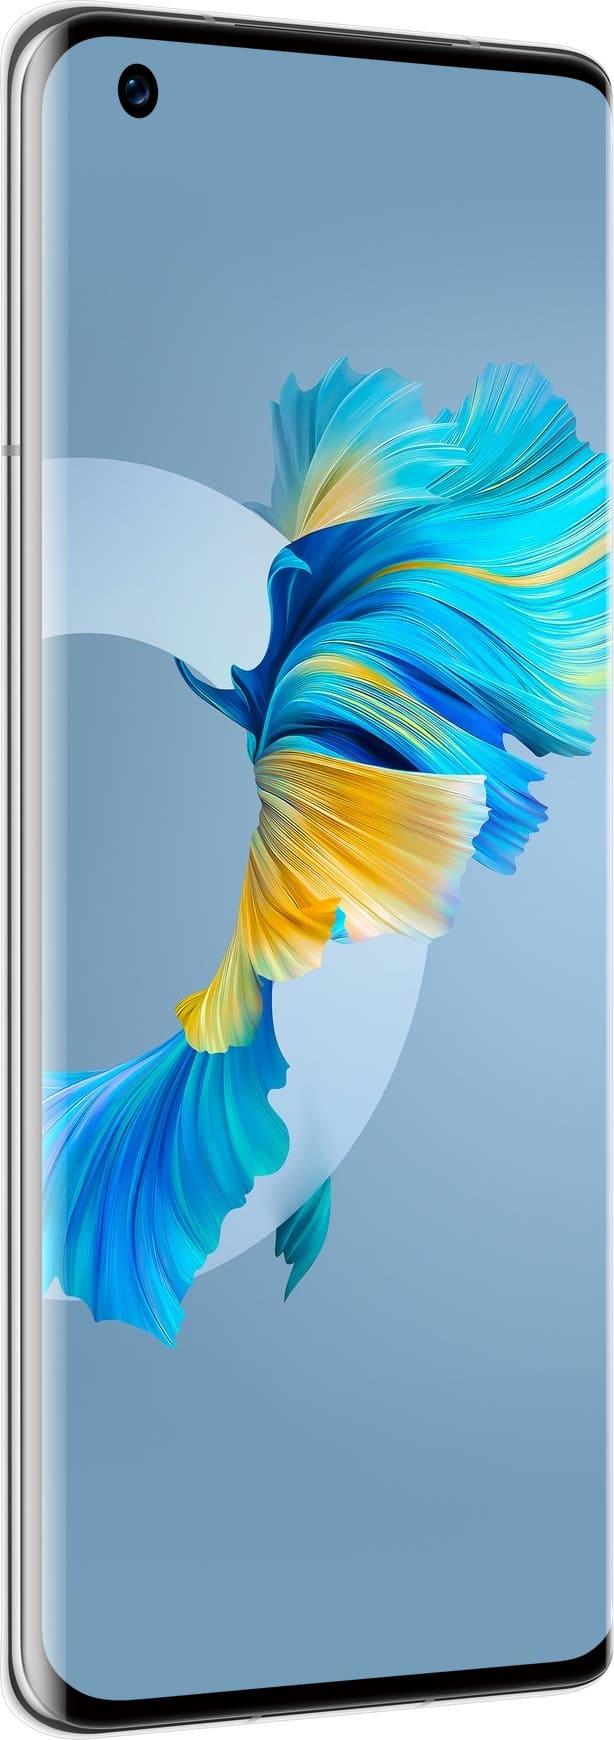 Смартфон Huawei Mate 40: где купить, цены, характеристики